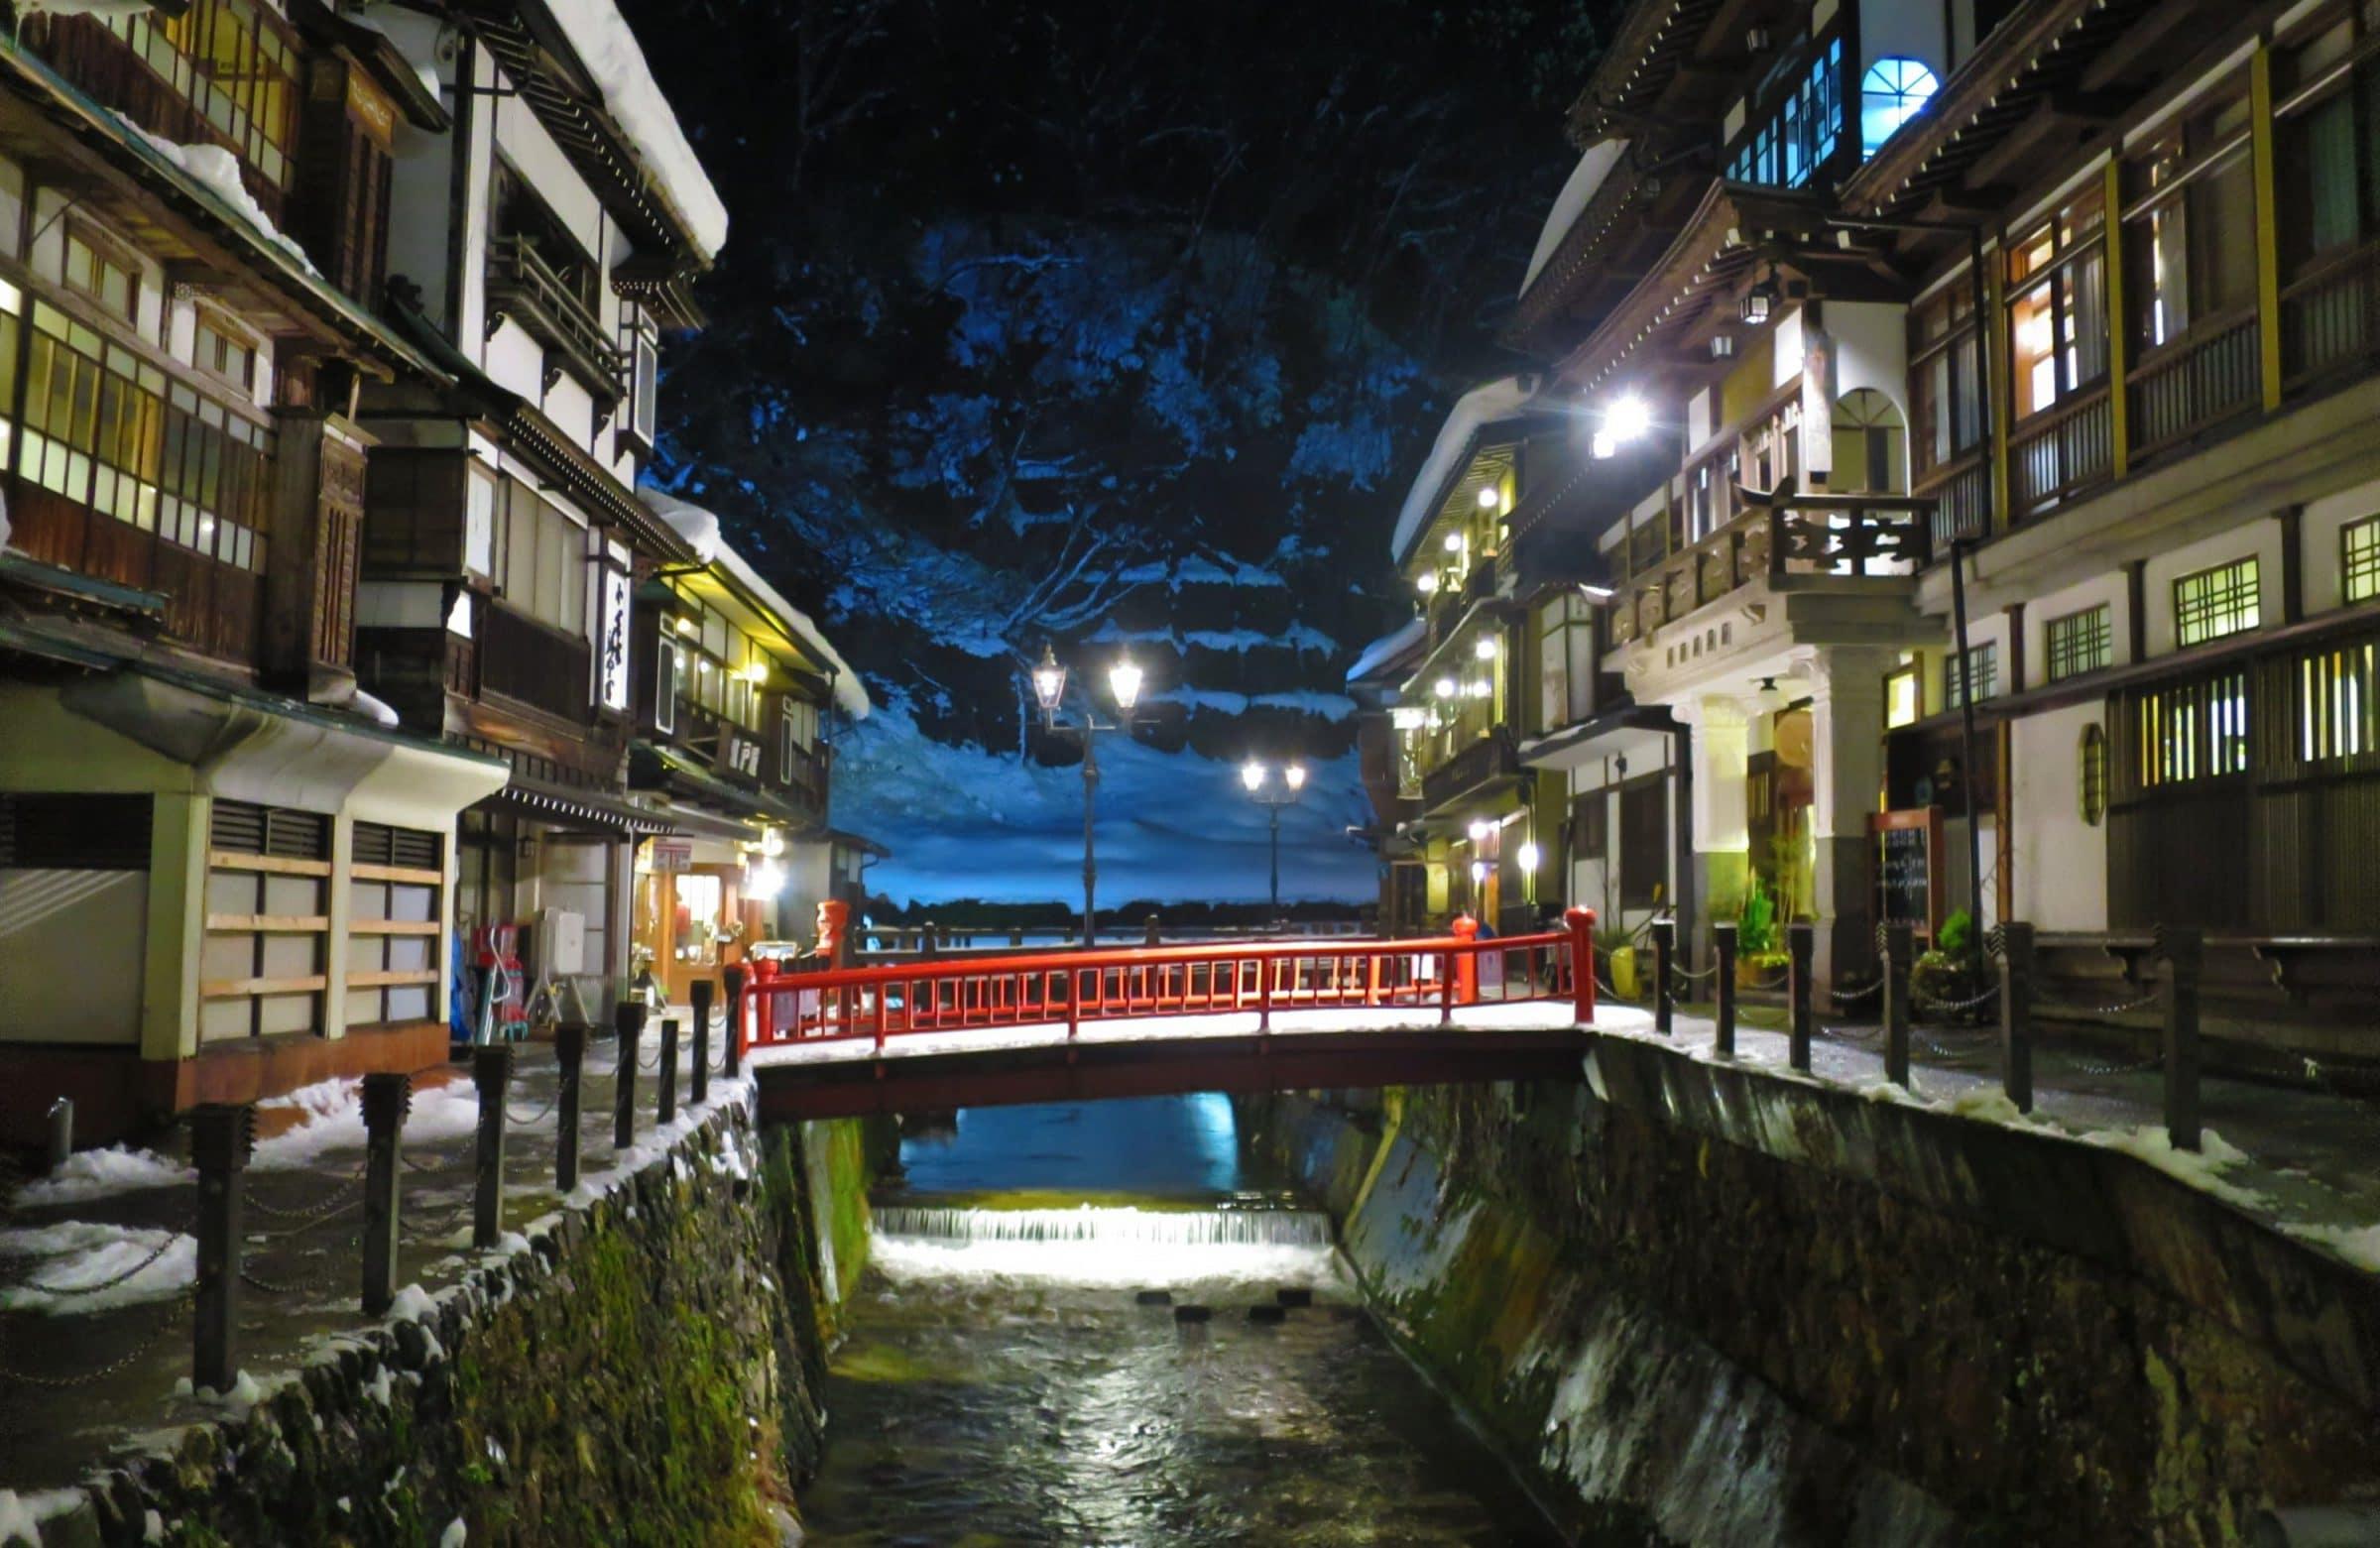 【山形景點】銀山溫泉昭和館!探訪大正浪漫夜景、享受冬季溫泉雪景